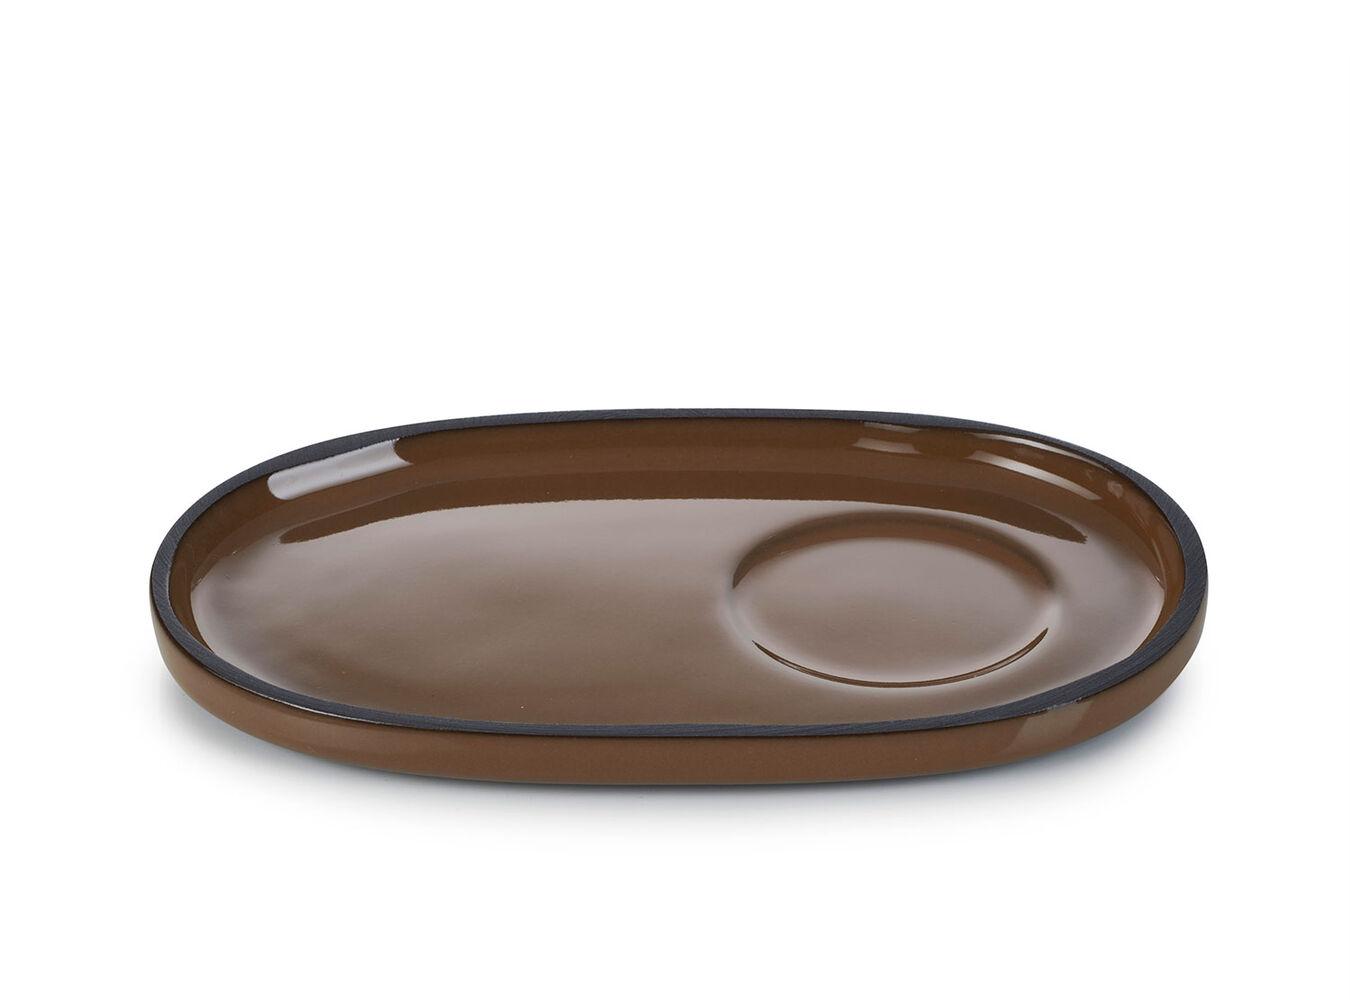 Revol Caractère Oval Saucers, Set of 4   Sur La Table